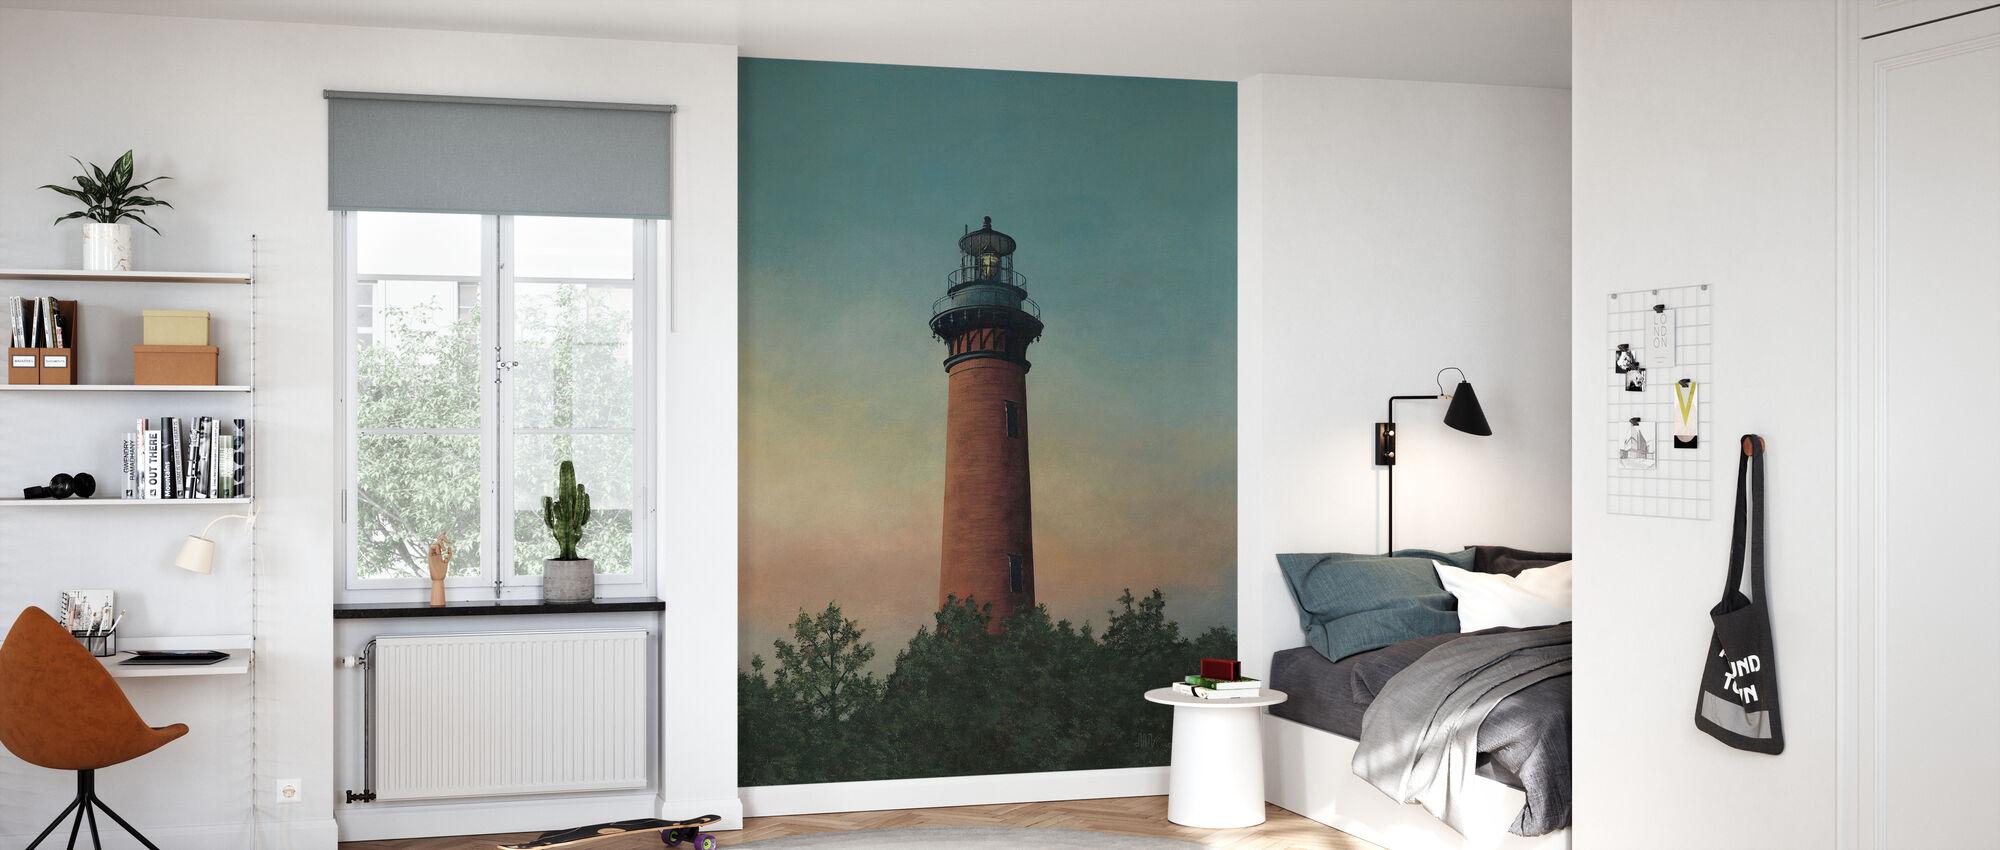 Currituck Beach Lighthouse - Wallpaper - Kids Room